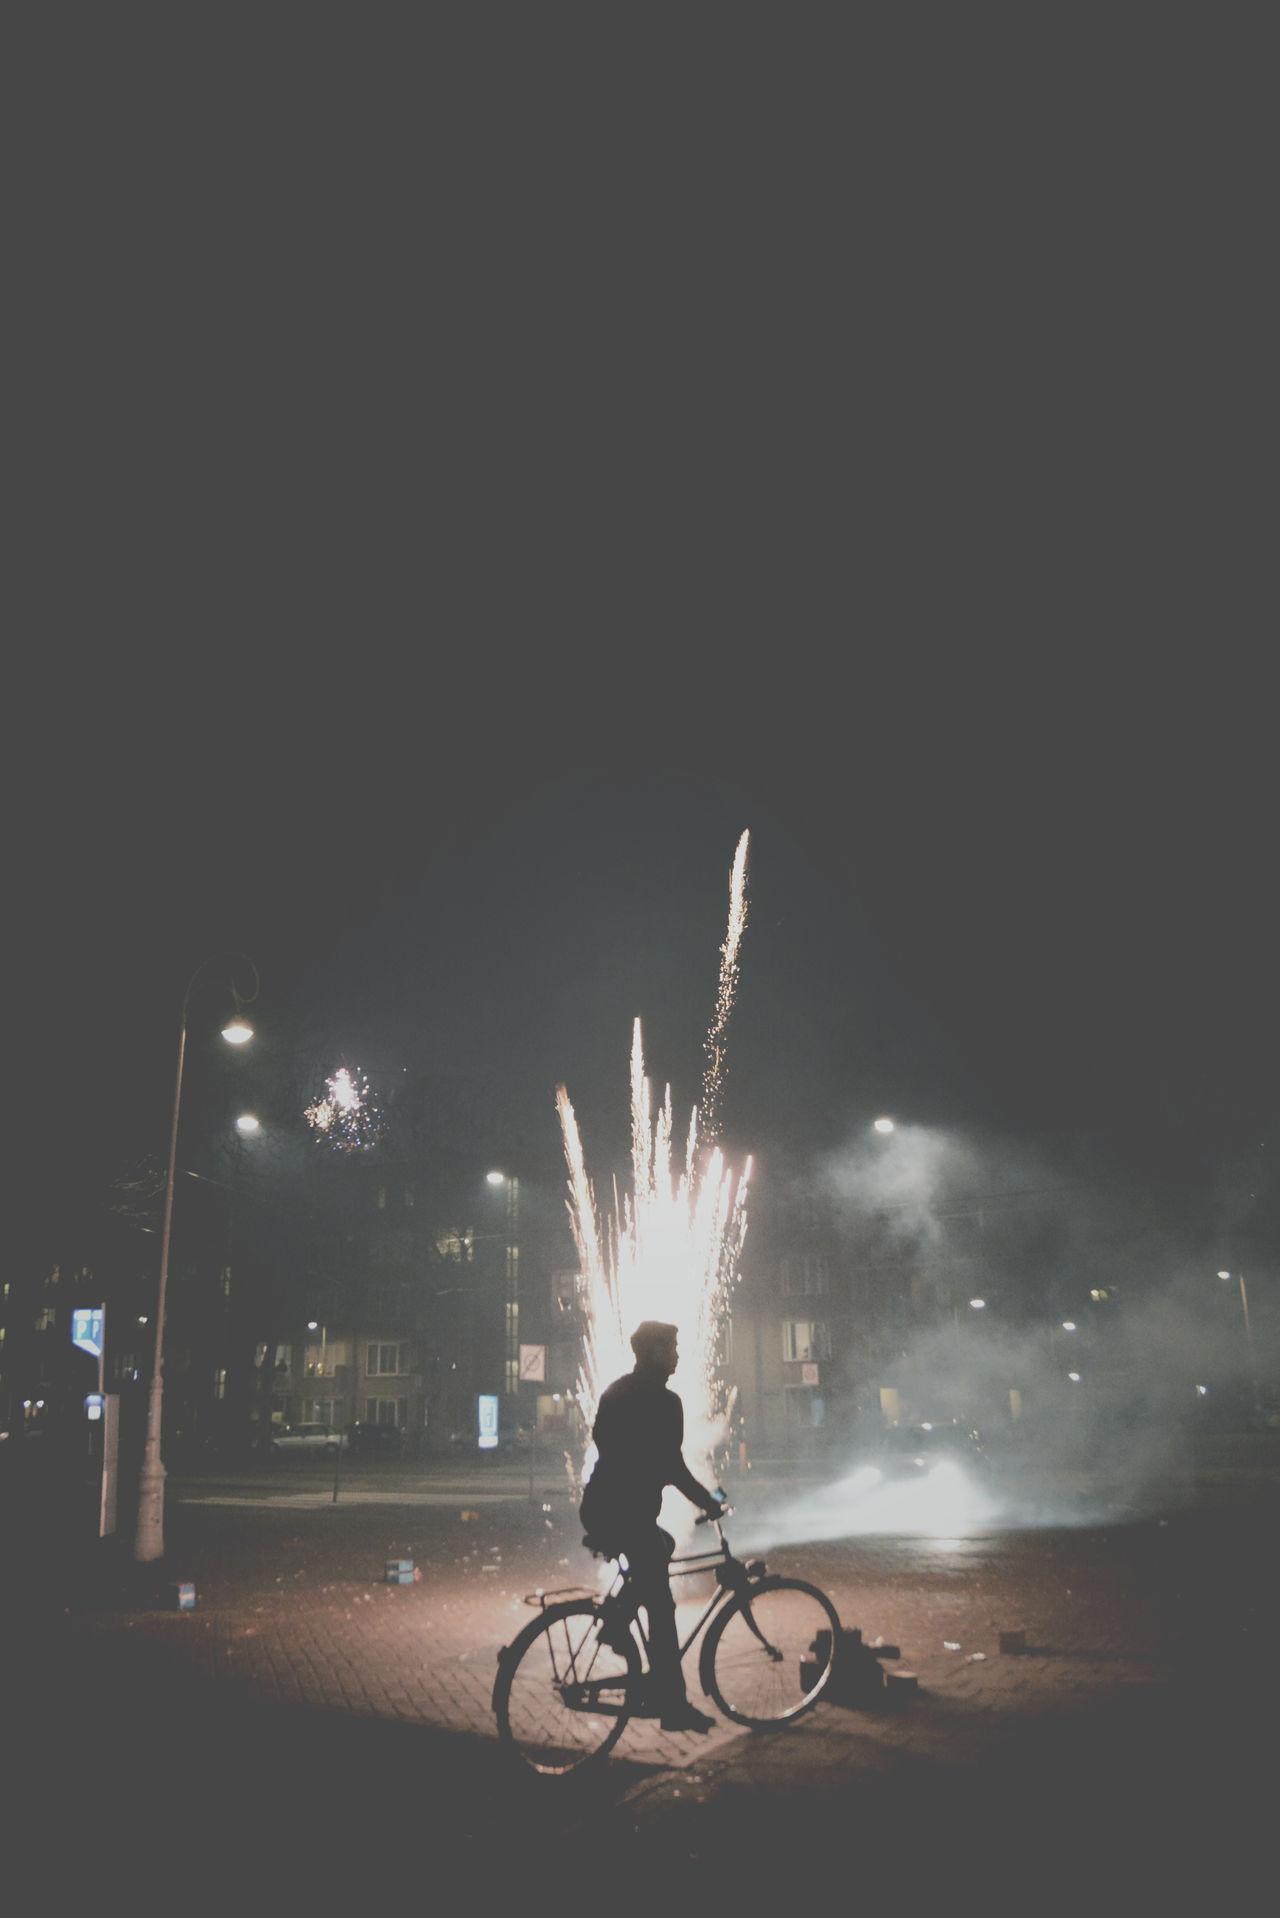 Beautiful stock photos of feuerwerk, night, illuminated, motion, sparks